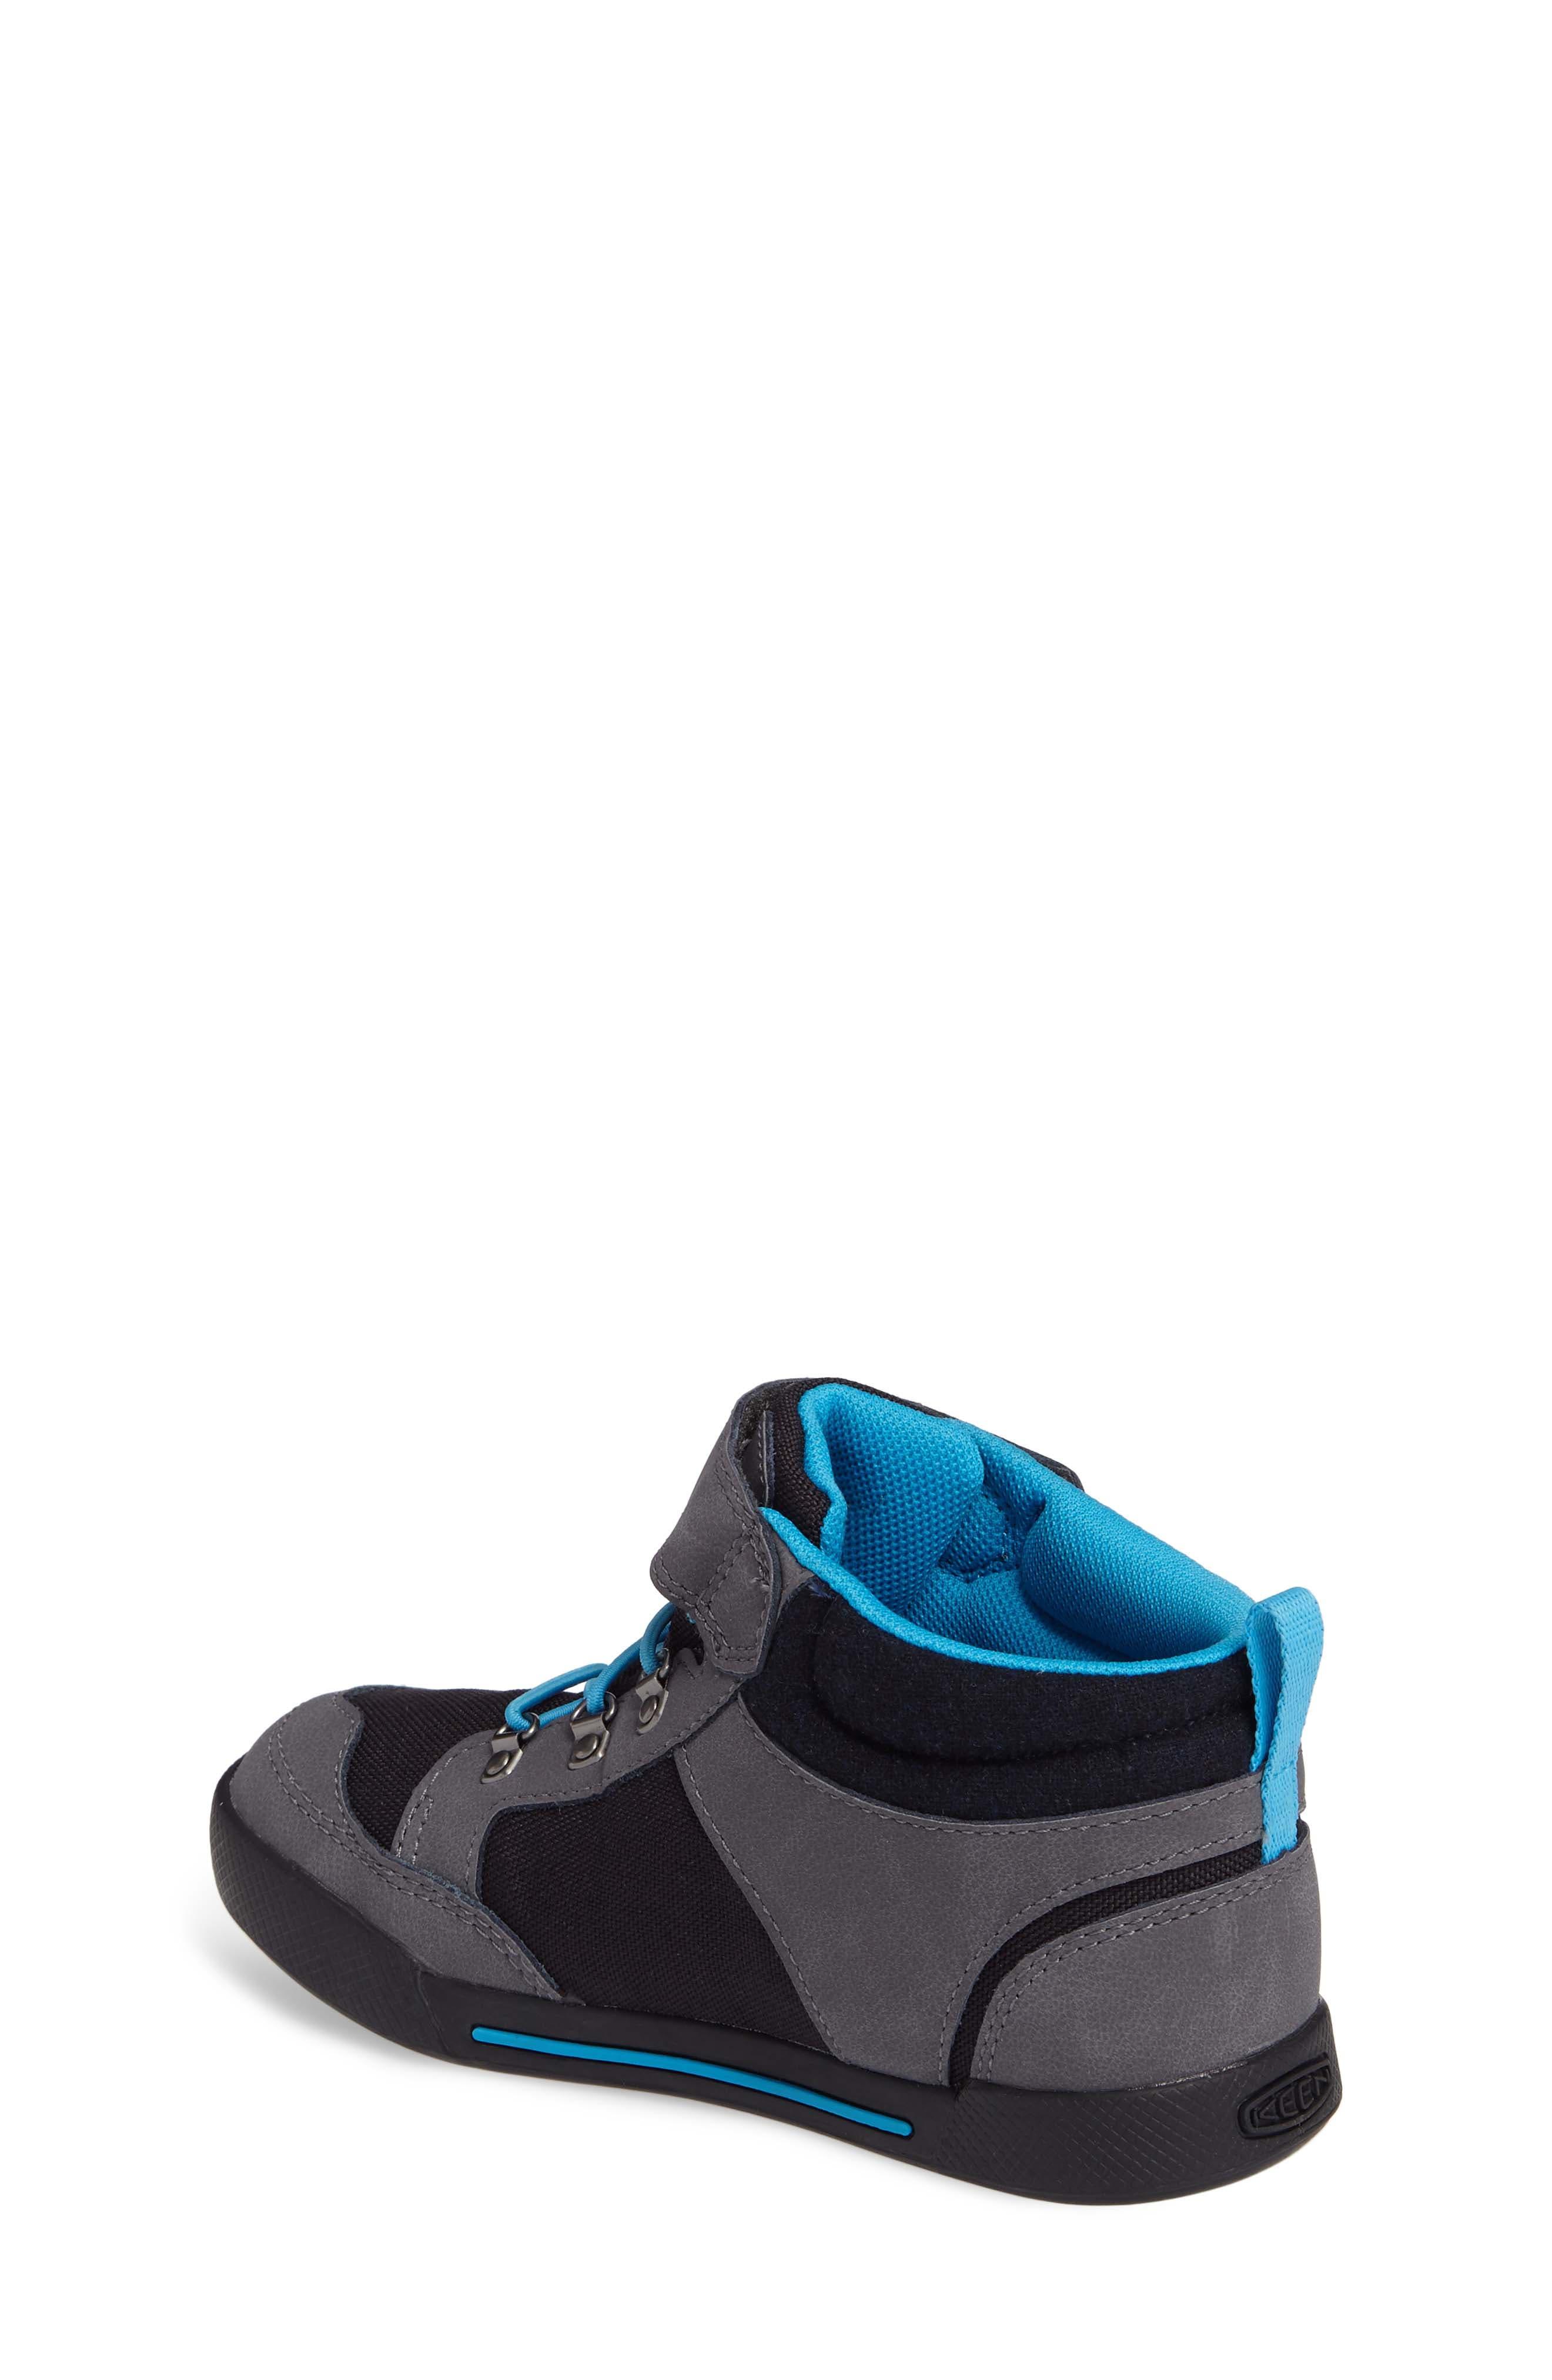 Alternate Image 2  - Keen Encanto Wesley II High Top Sneaker (Toddler, Little Kid & Big Kid)